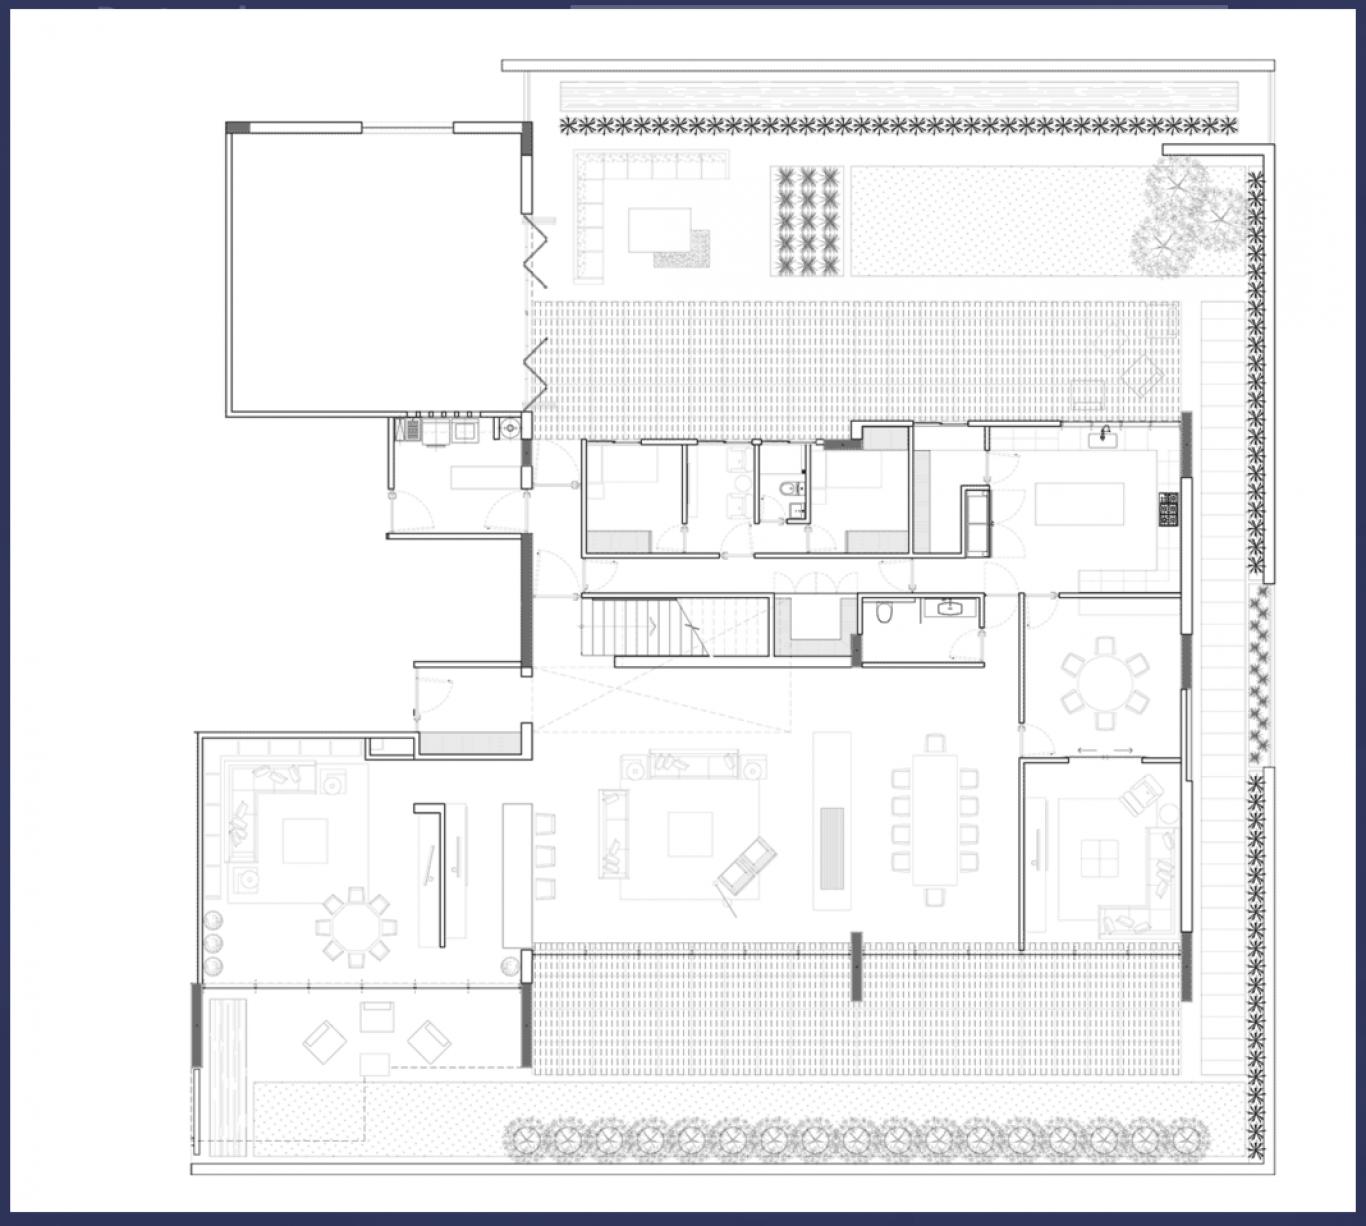 Club residencial bosques, id 1472095, no 2, plano de pentgarden tipo 1, 11